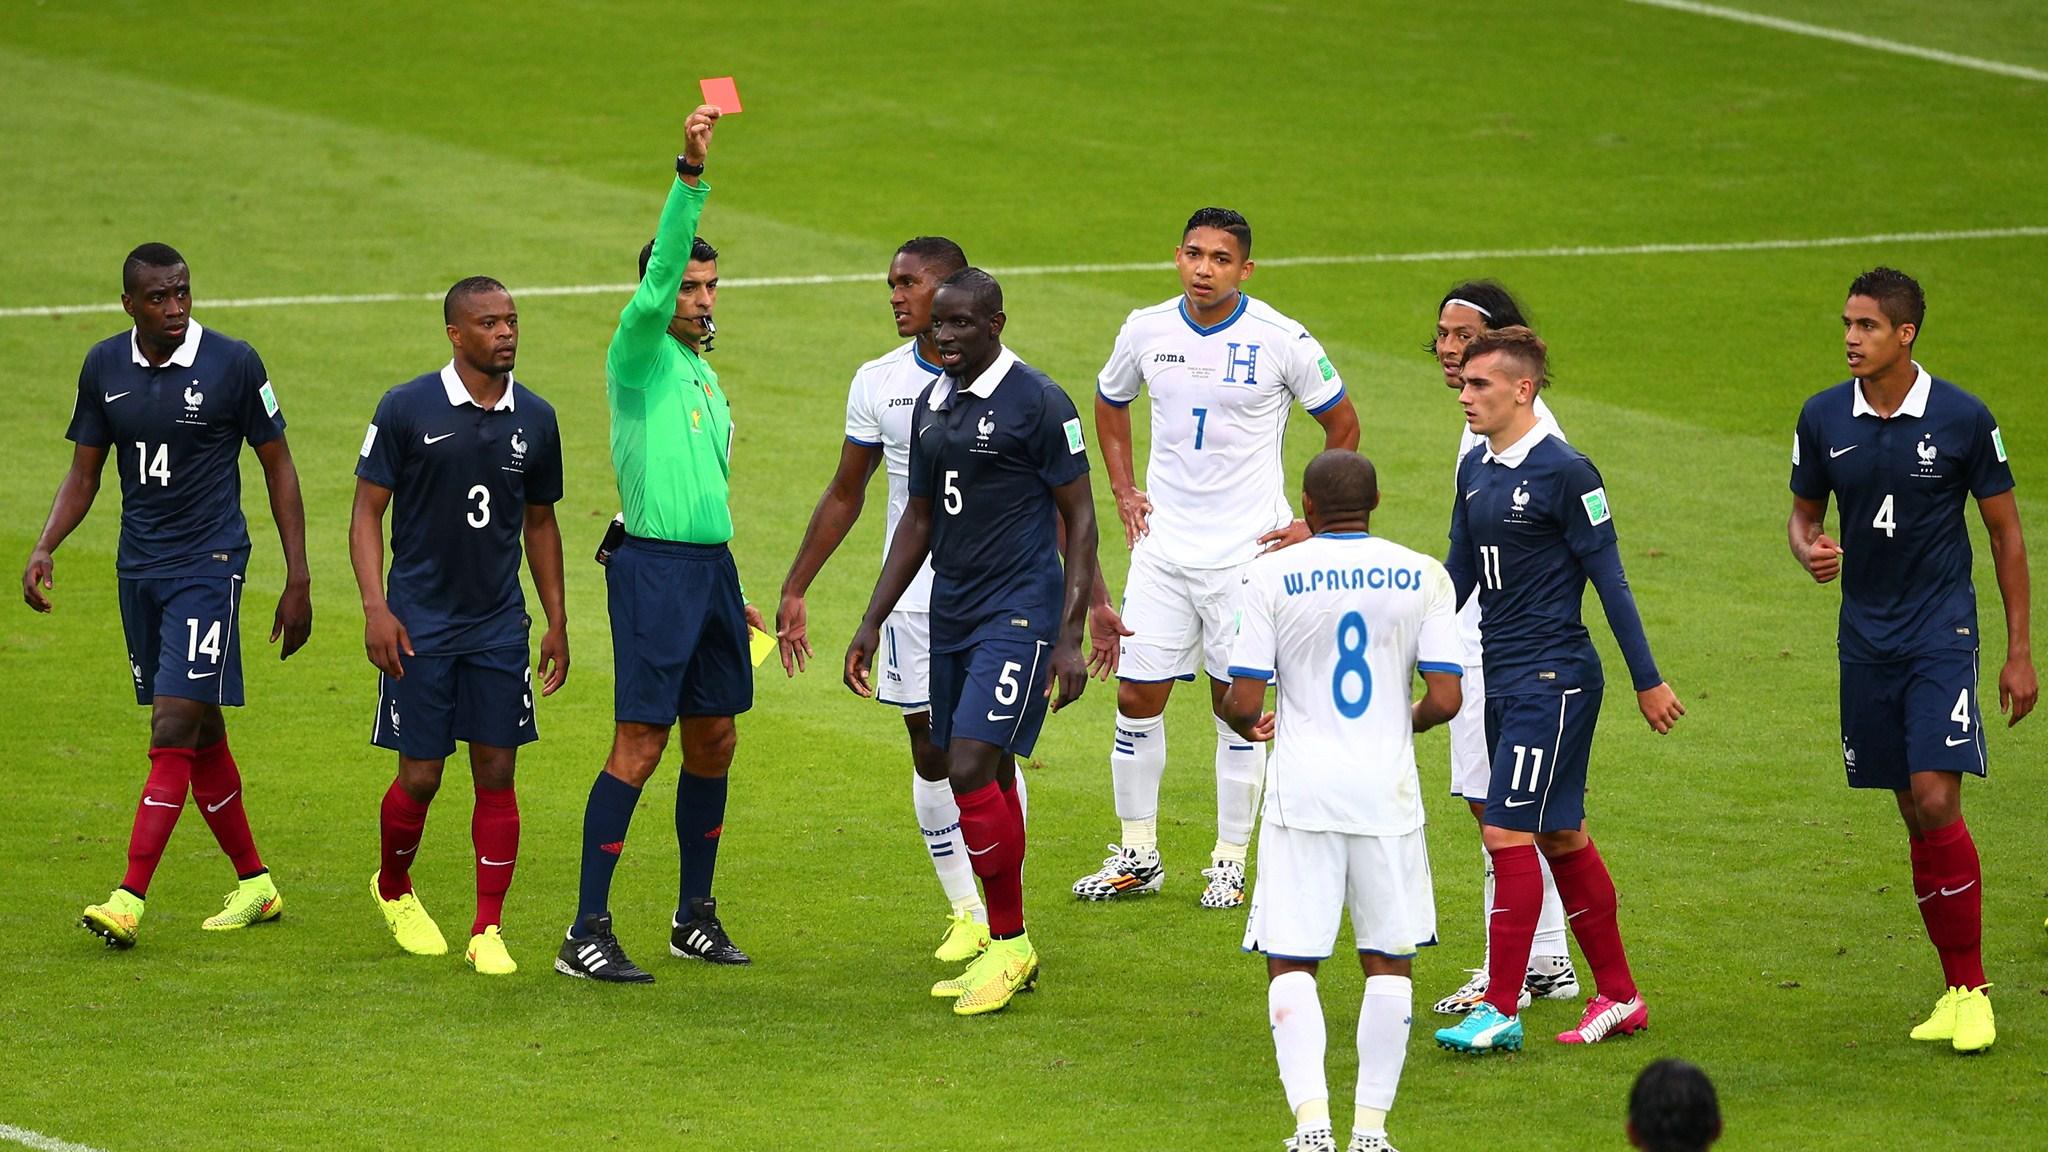 Чемпионат мира по футболу гондурас 17 фотография